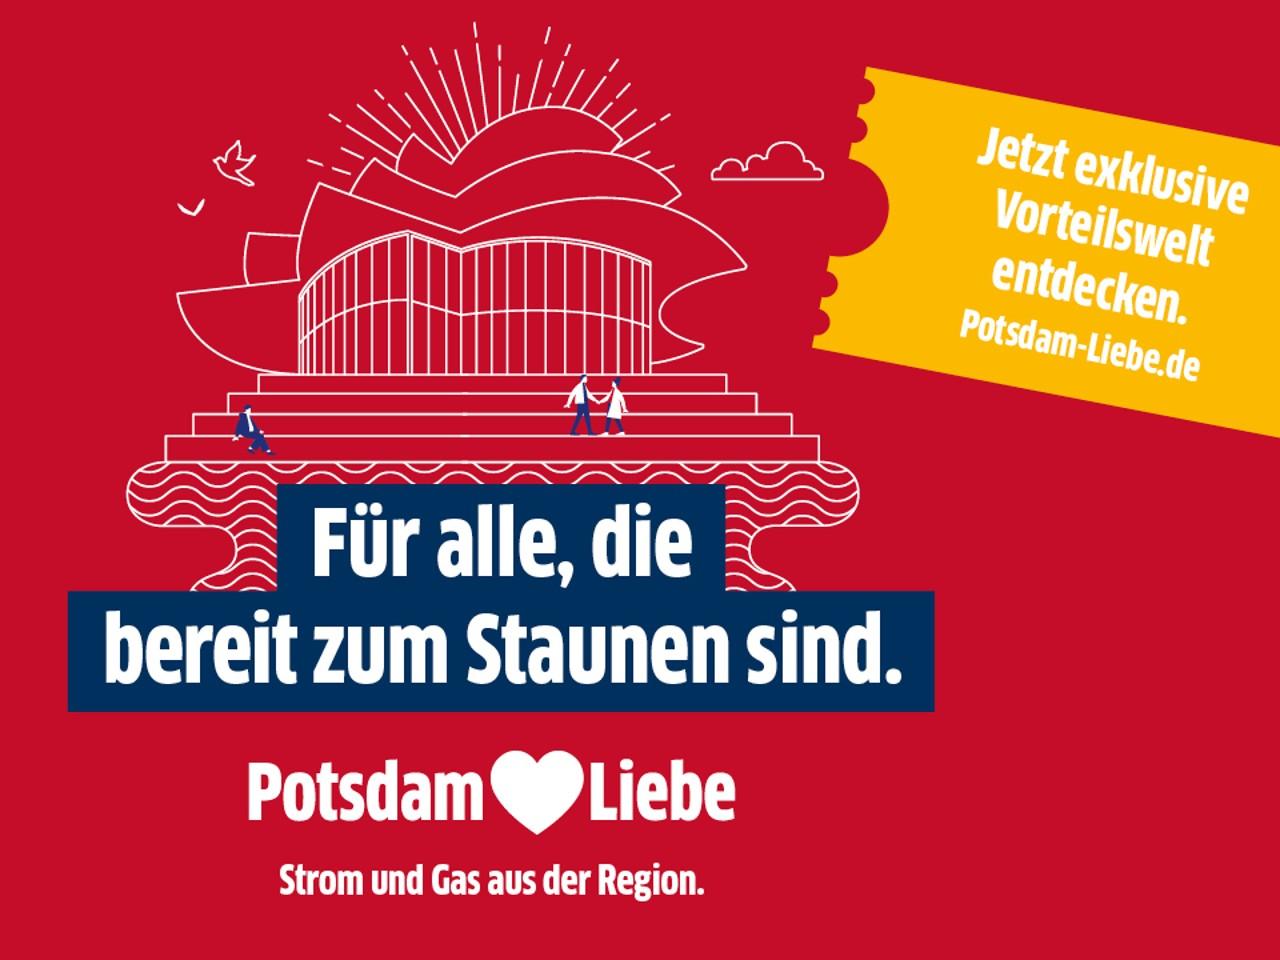 Potsdam ♥Liebe - Jetzt exklusive Vorteilswelt entdecken